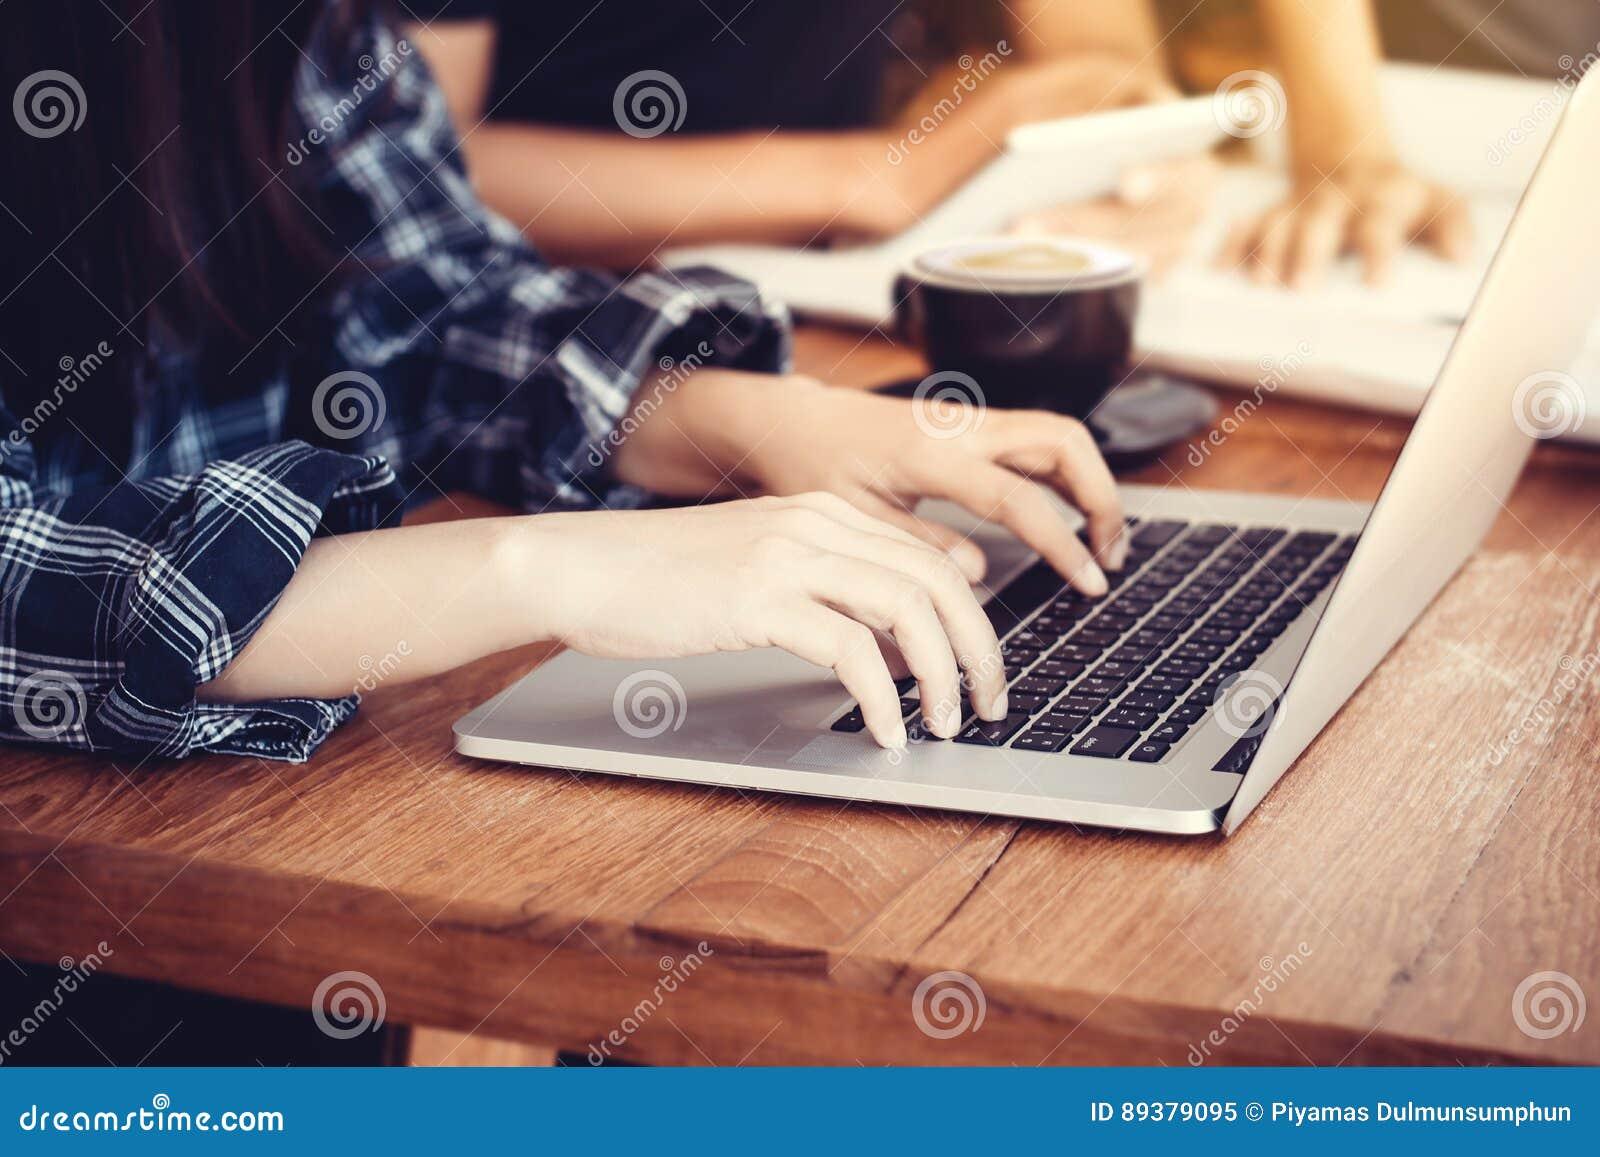 Η συνεδρίαση επιχειρηματιών στο γραφείο γραφείων και η δακτυλογράφηση σε ένα lap-top δίνουν κοντά επάνω, ανώνυμο πρόσωπο